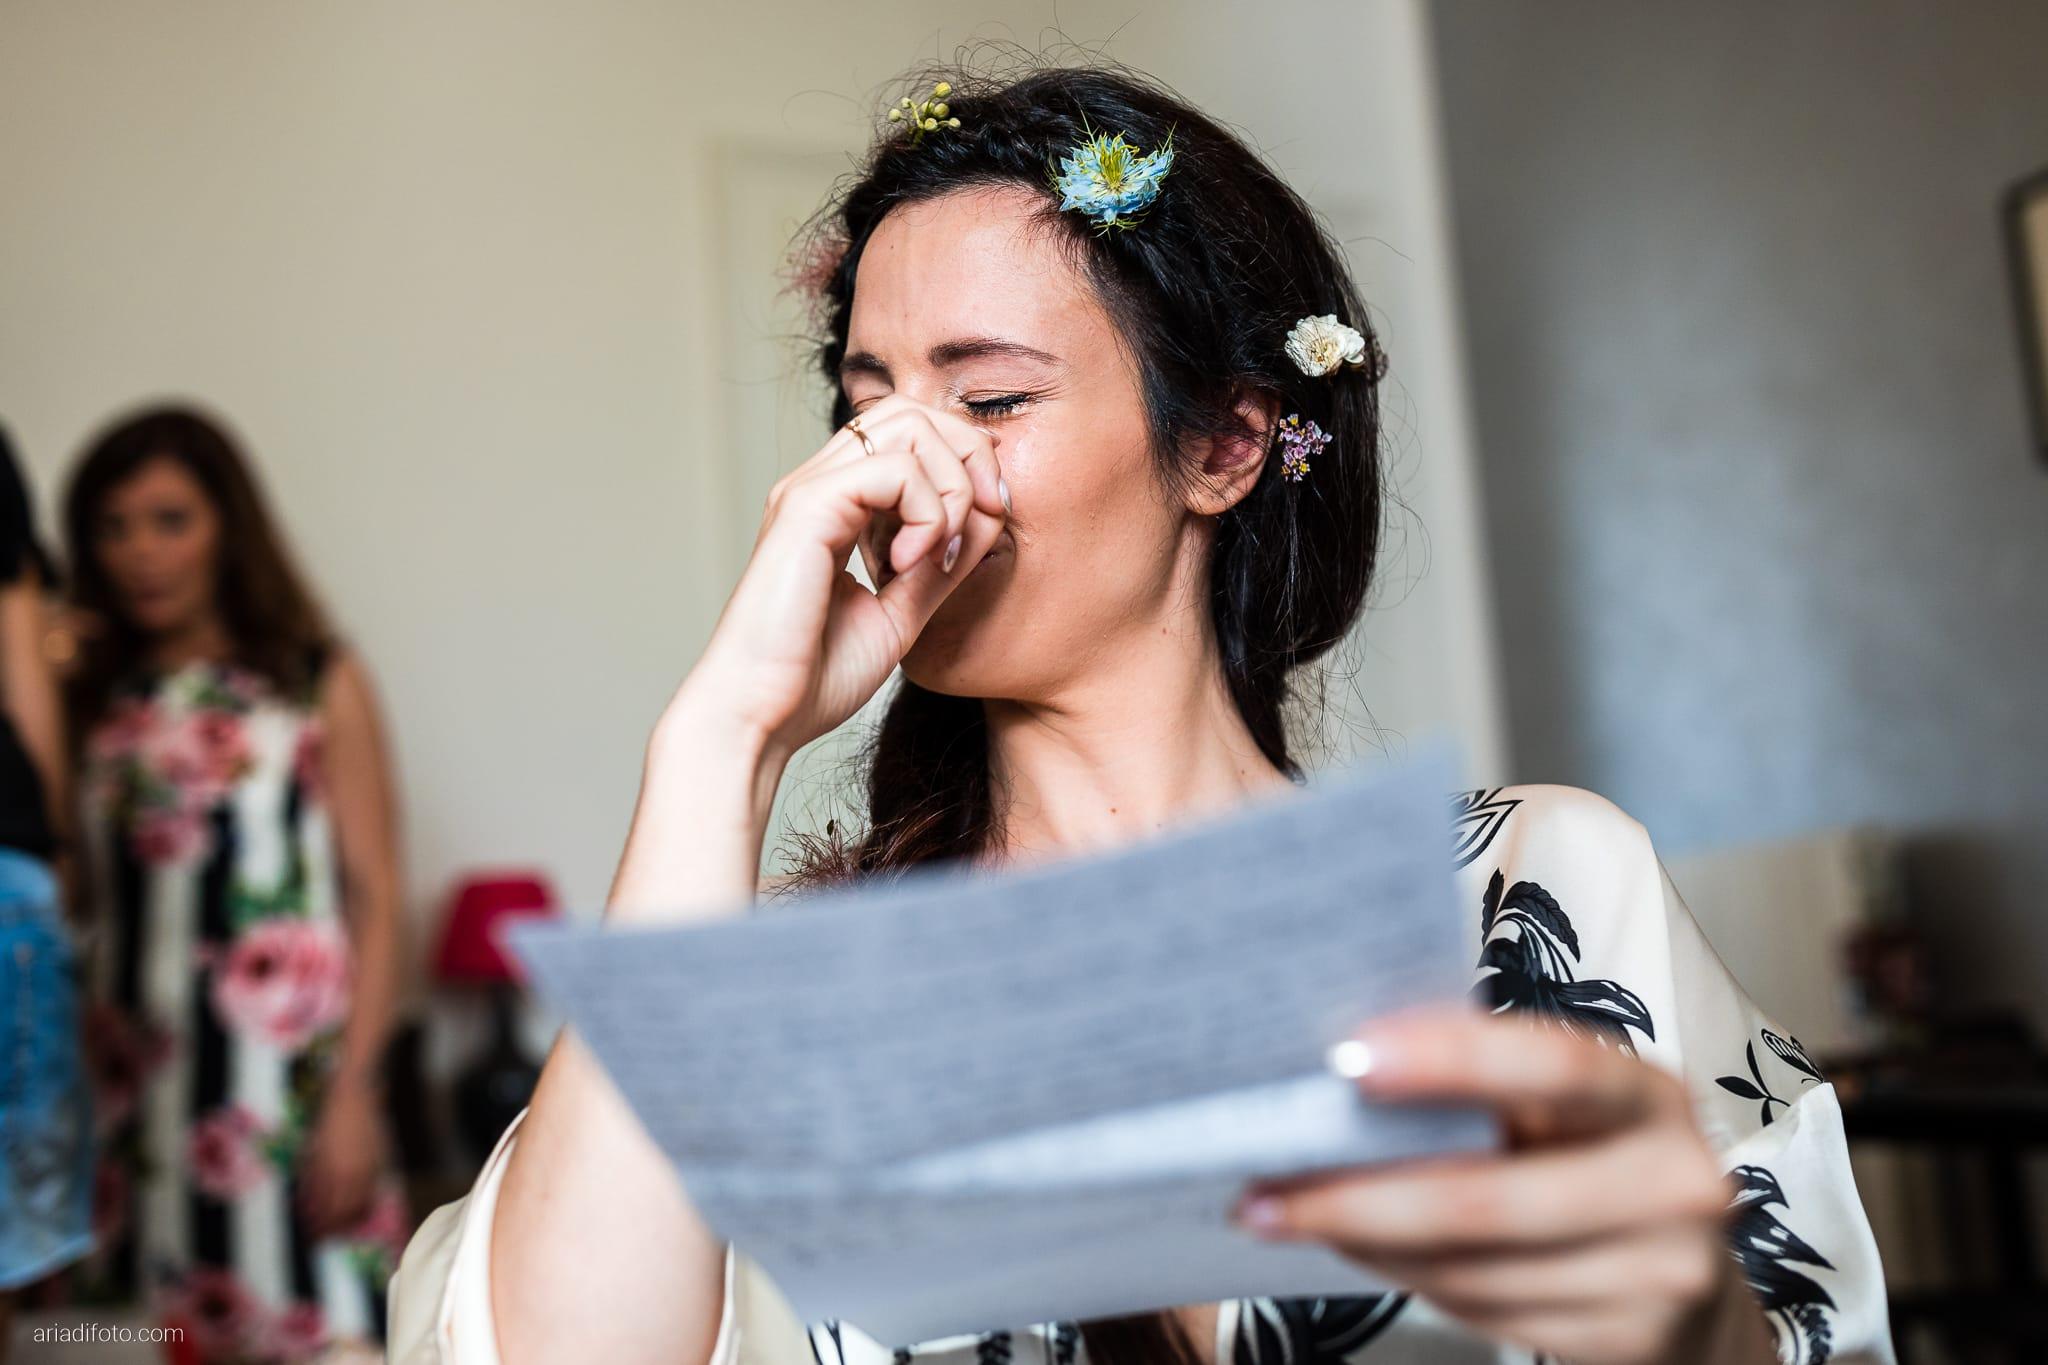 Giorgia Davide Matrimonio Muggia Trieste Baronesse Tacco San Floriano Del Collio Gorizia preparazioni sposa momenti lettera